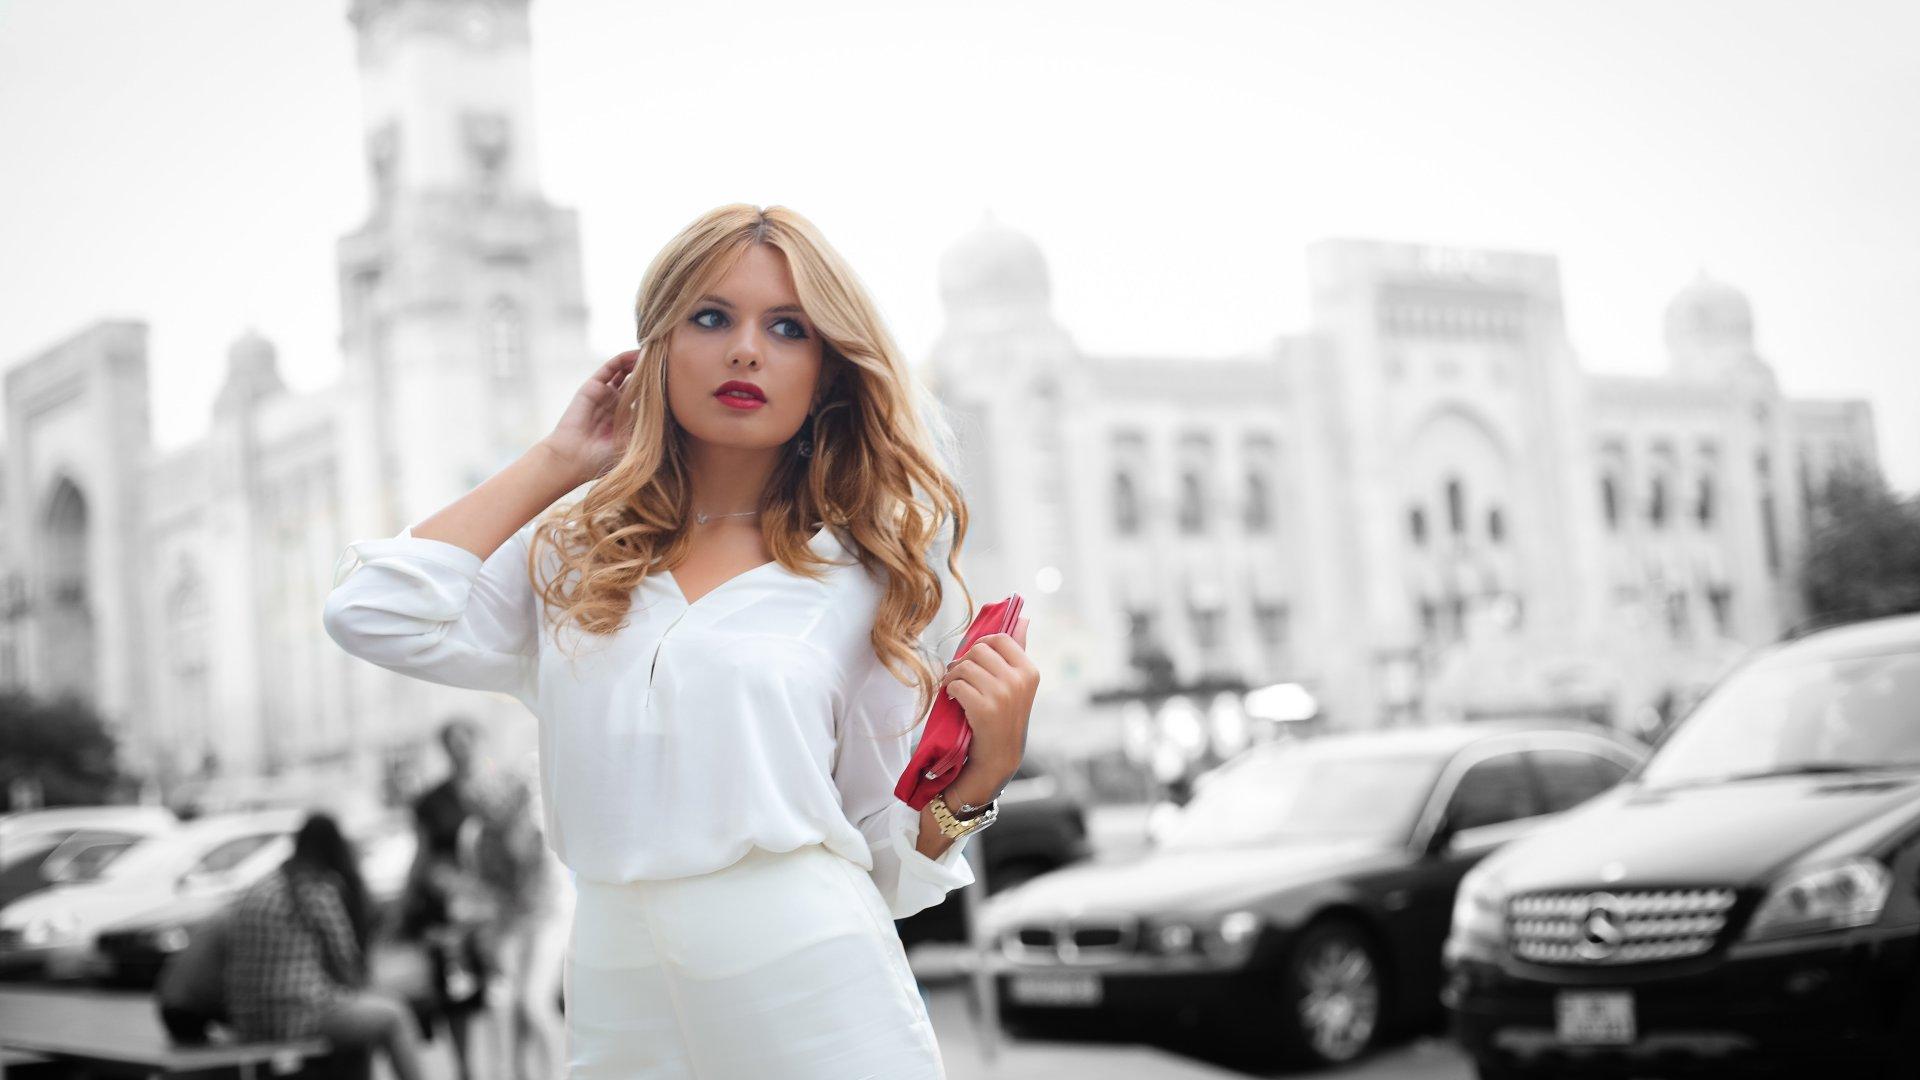 girl-beauty-face-hair-clothes-city